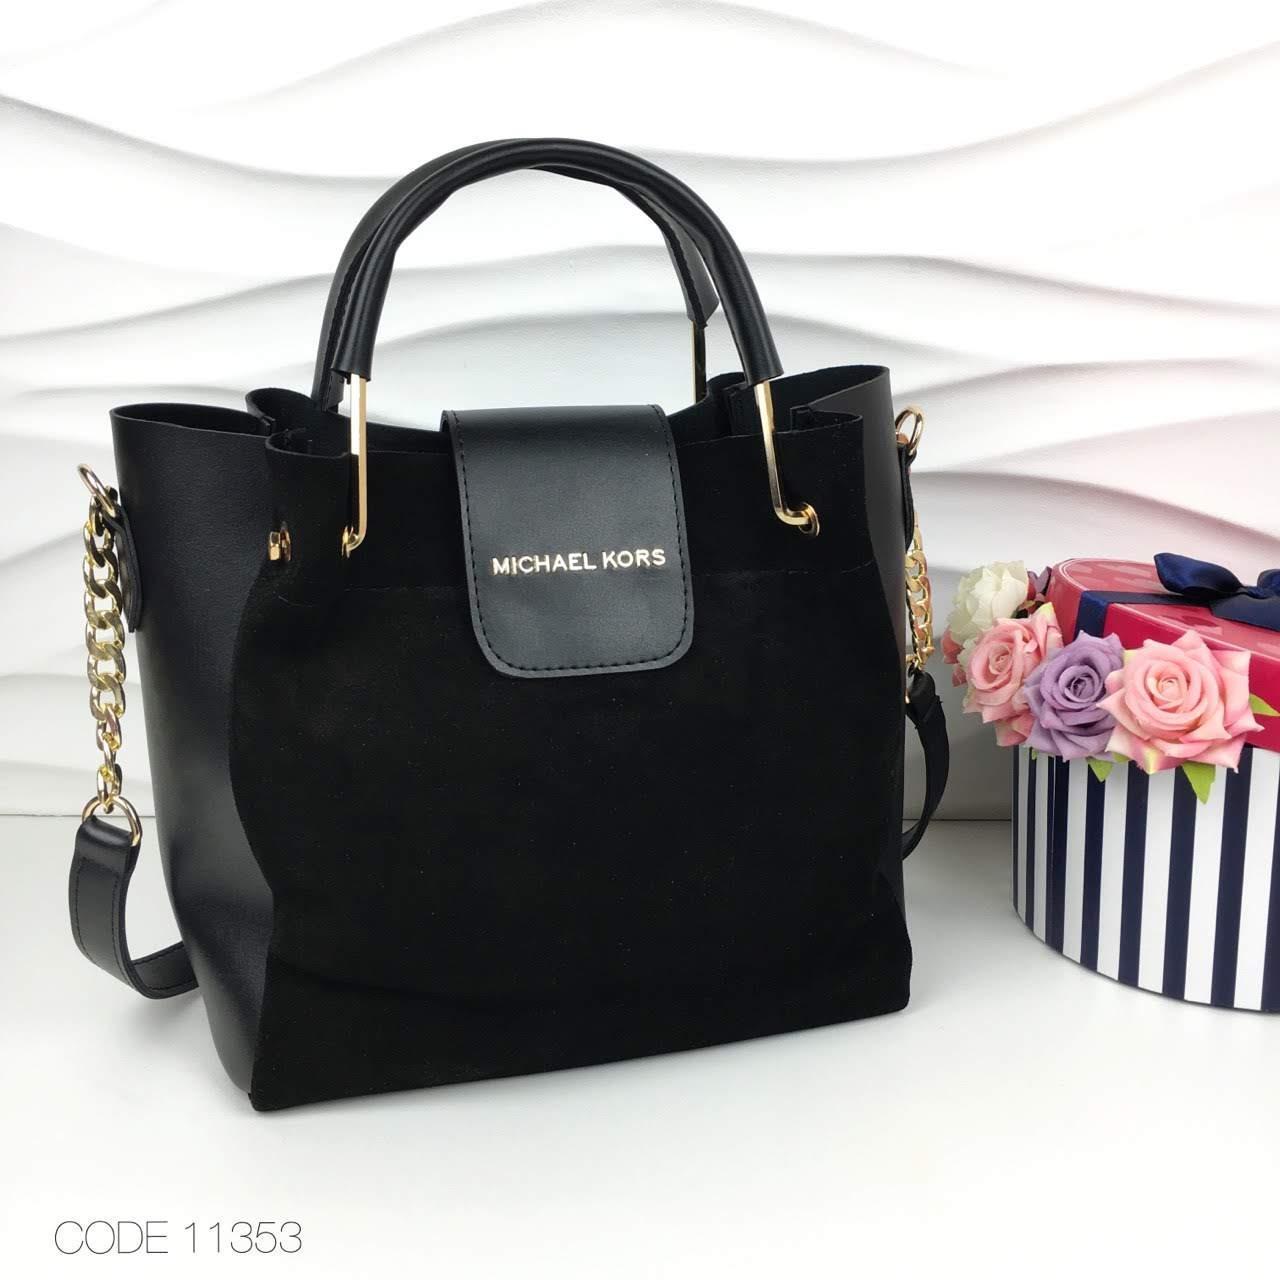 10650ecb53f7 Женская сумка Michael Kors комбинированная натуральная замша с эко кожей -  Интернет-магазин